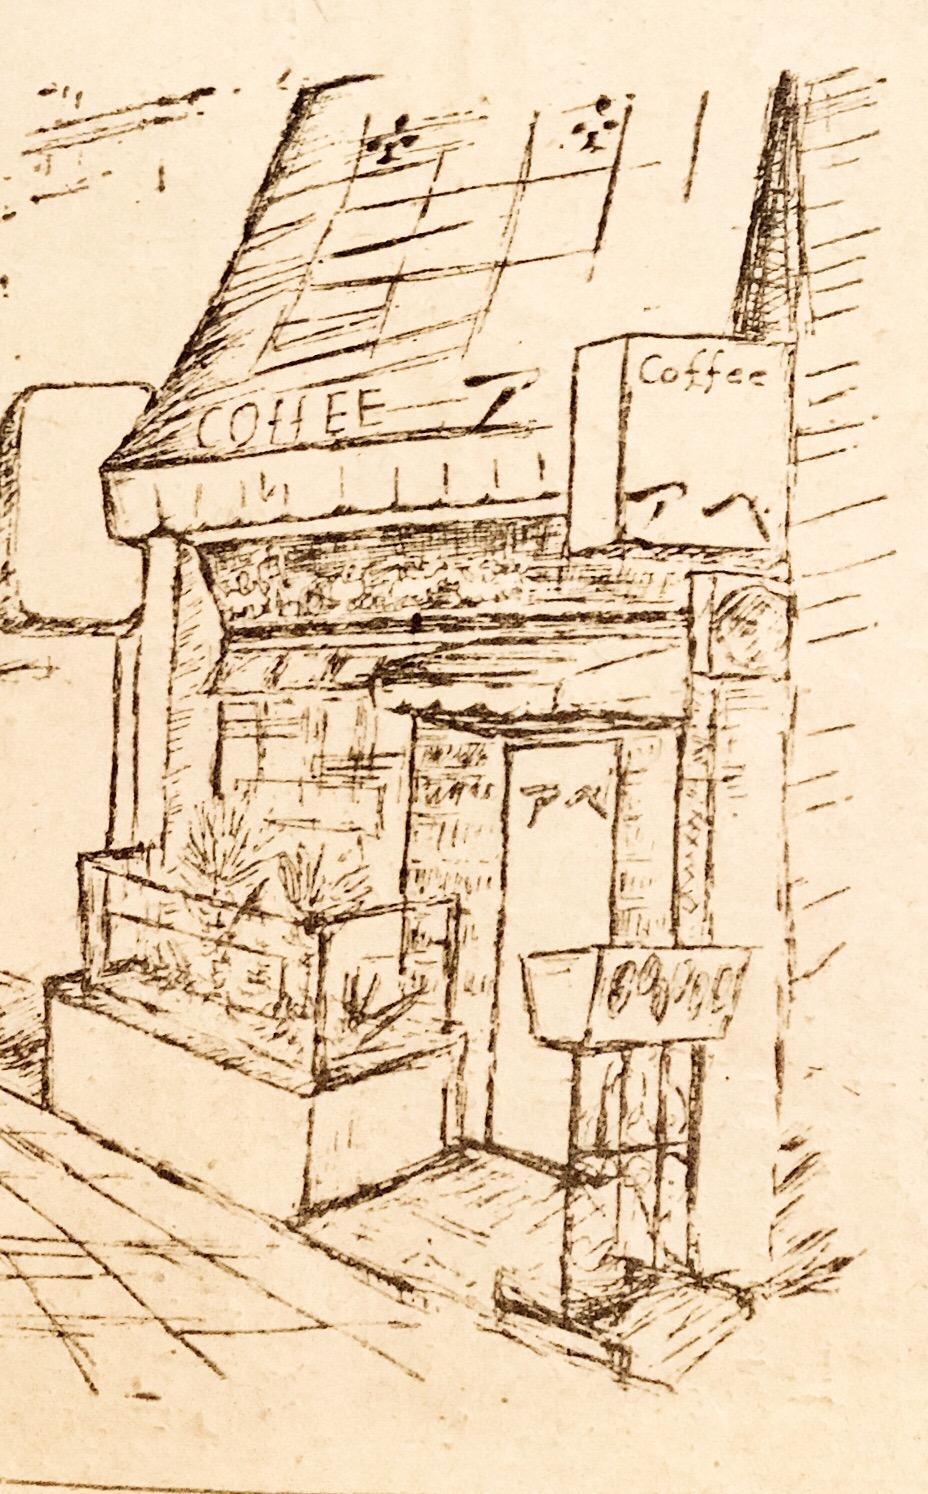 -  城下町松本。夫婦で始めたちいさな珈琲店がすべての物語の始まり。1957年,戦後の慌ただしさが残る松本で、手間隙かけ完全抽出された一杯のコーヒーを呈してくれるの店。その名は「珈琲美学アベ」コーヒーをより身近に、そんな店主の思いから日本の喫茶業界に初めてモカパフェー、モカクリームオーレというメニューを提案。珈琲美学アベは松本の喫茶文化のパイオニアとして大きな役割を果たしています。一杯のコーヒーの感動と満足が、昭和32年に初めて登場して以来のトレードマーク的存在の肉厚のコーヒーカップに込められています。